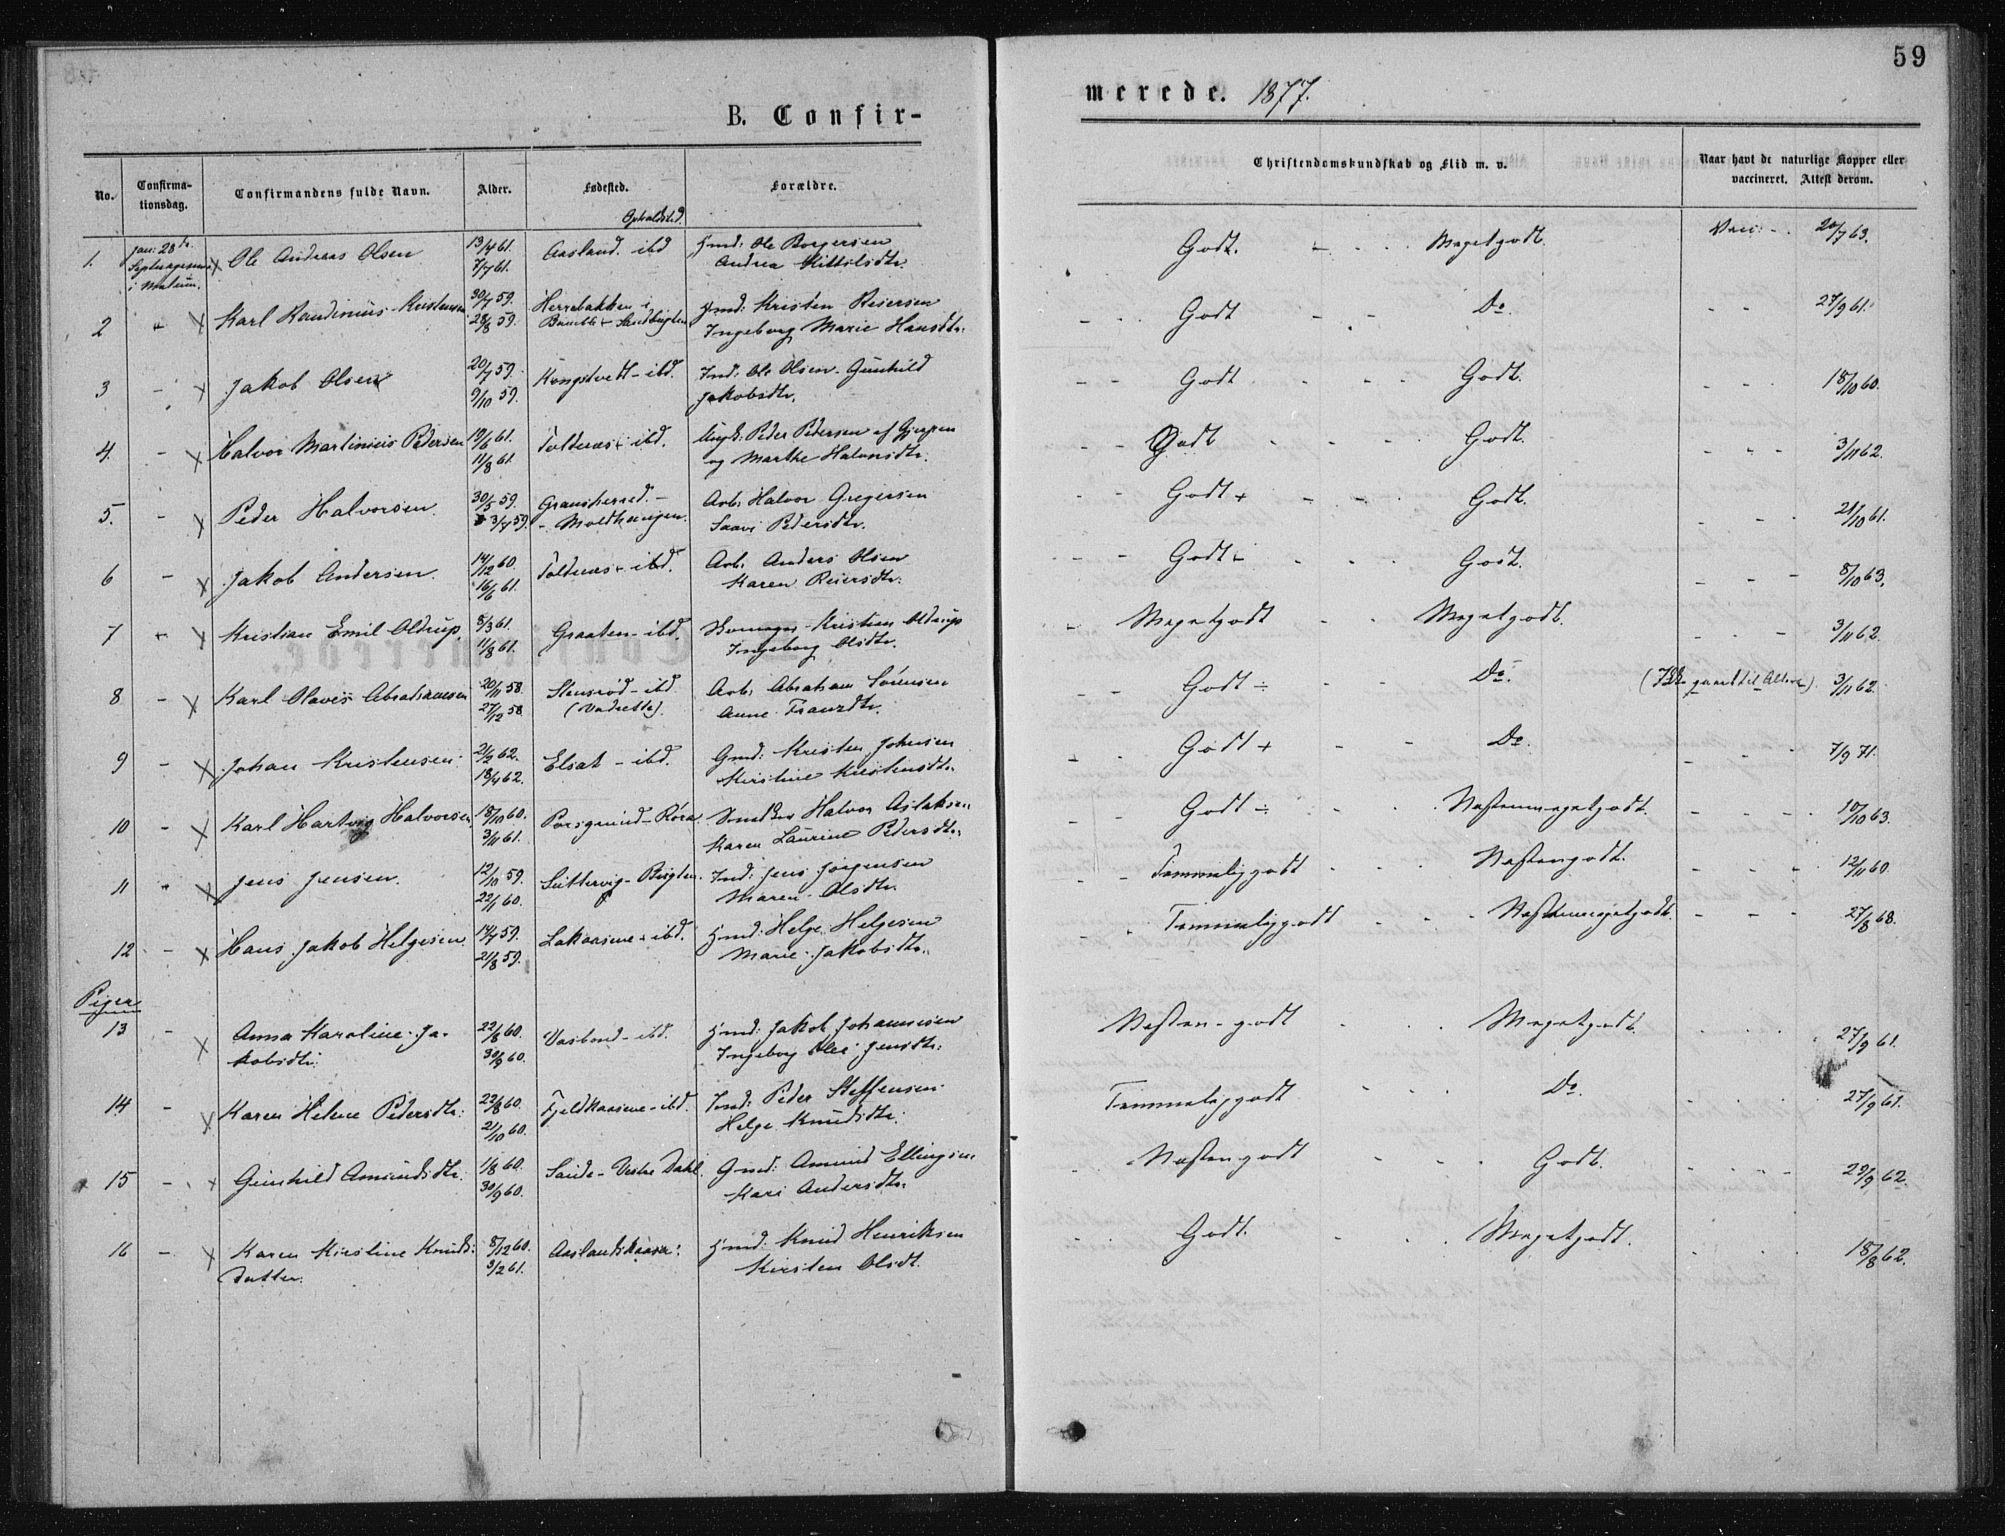 SAKO, Solum kirkebøker, G/Ga/L0005: Klokkerbok nr. I 5, 1877-1881, s. 59